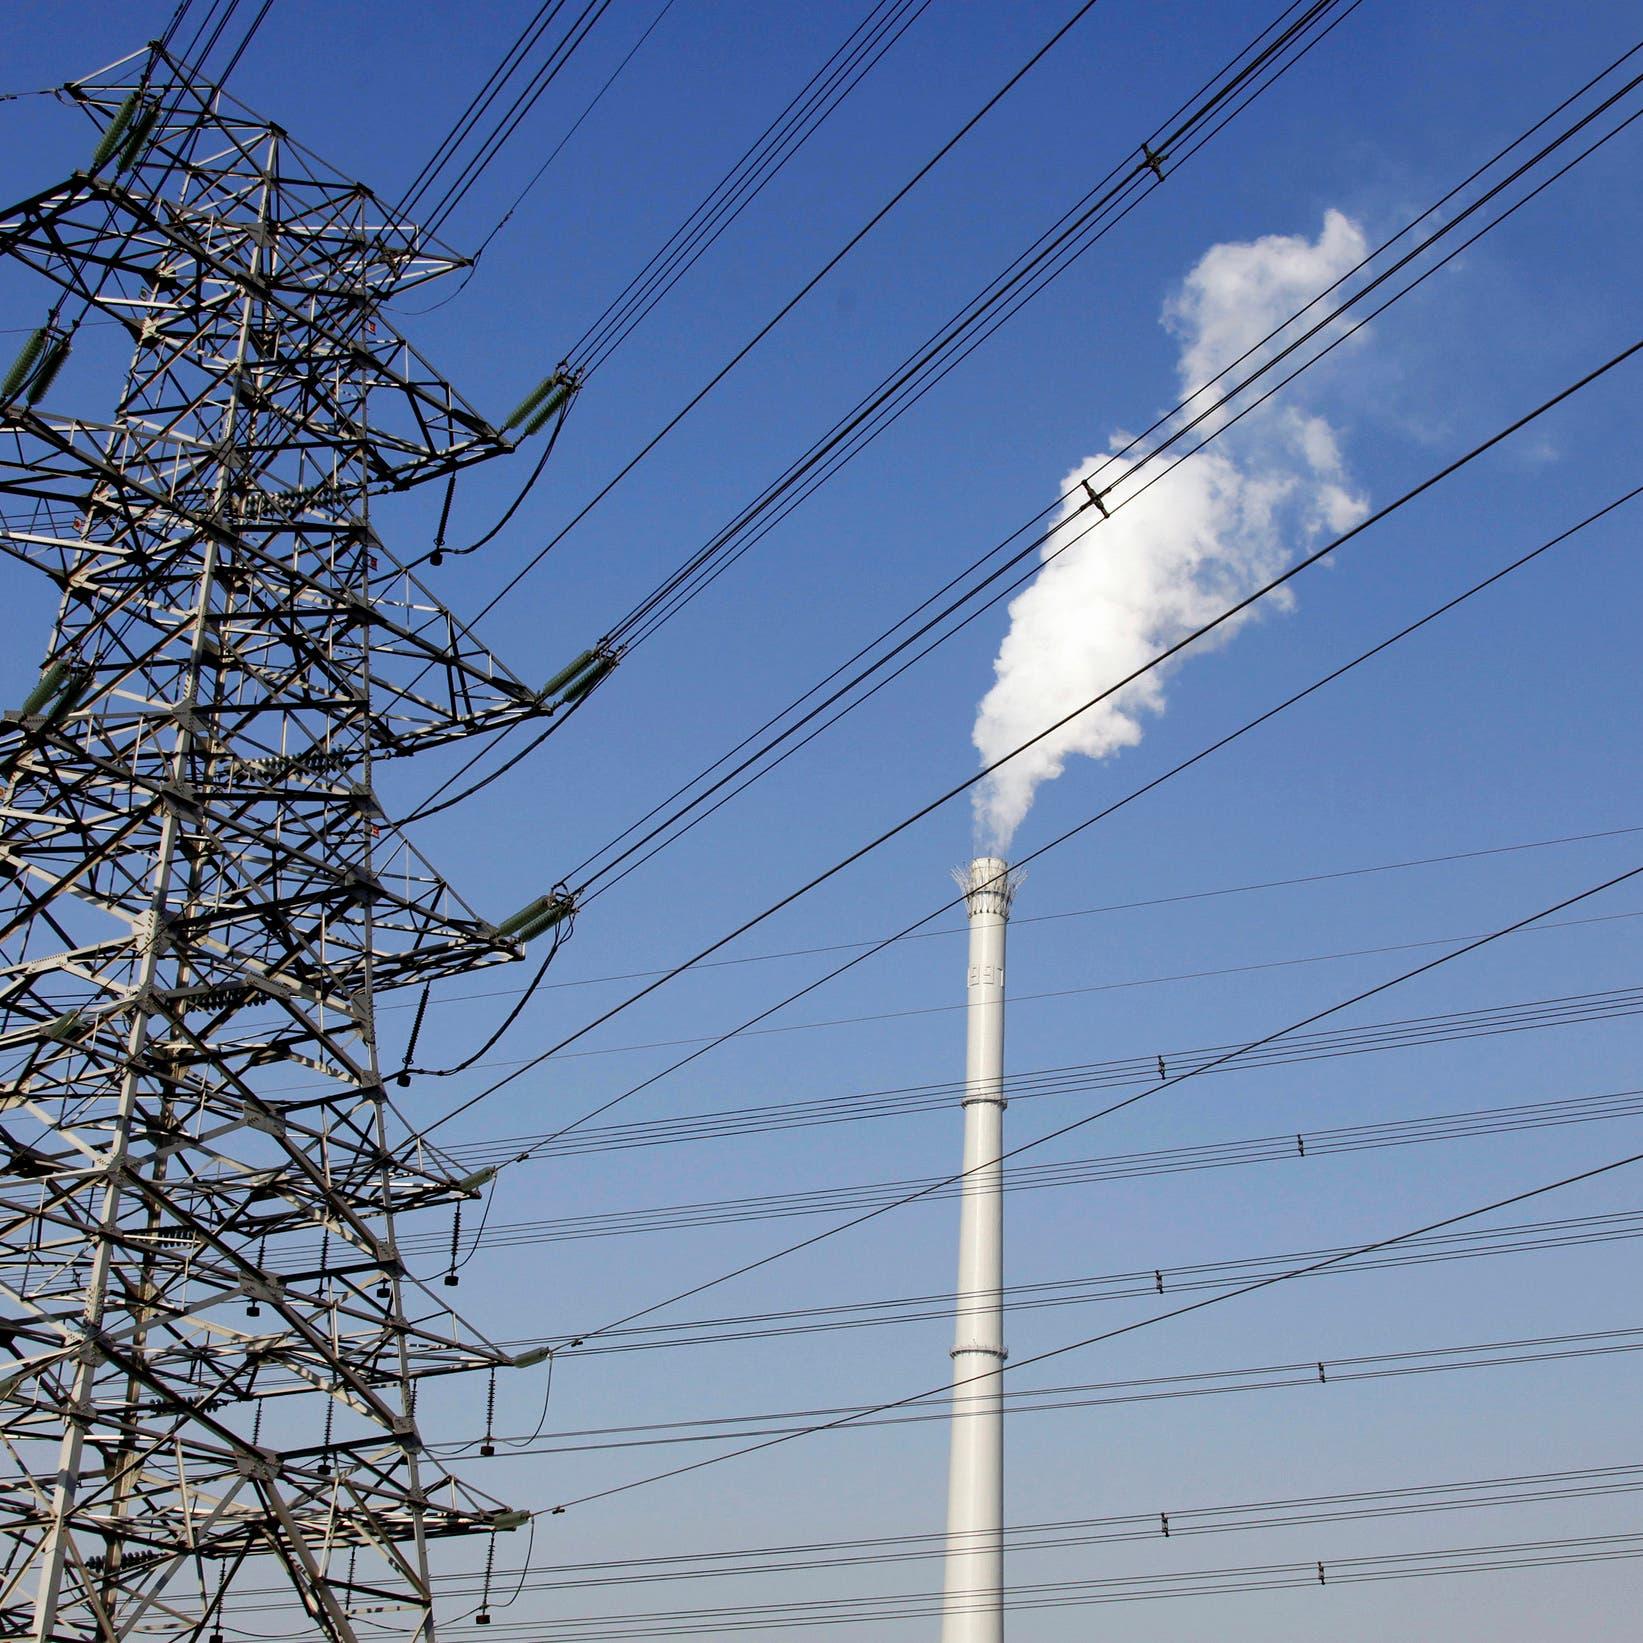 الربط الكهربائي بين مصر والسعودية.. تعرف على الشركات المنفذة